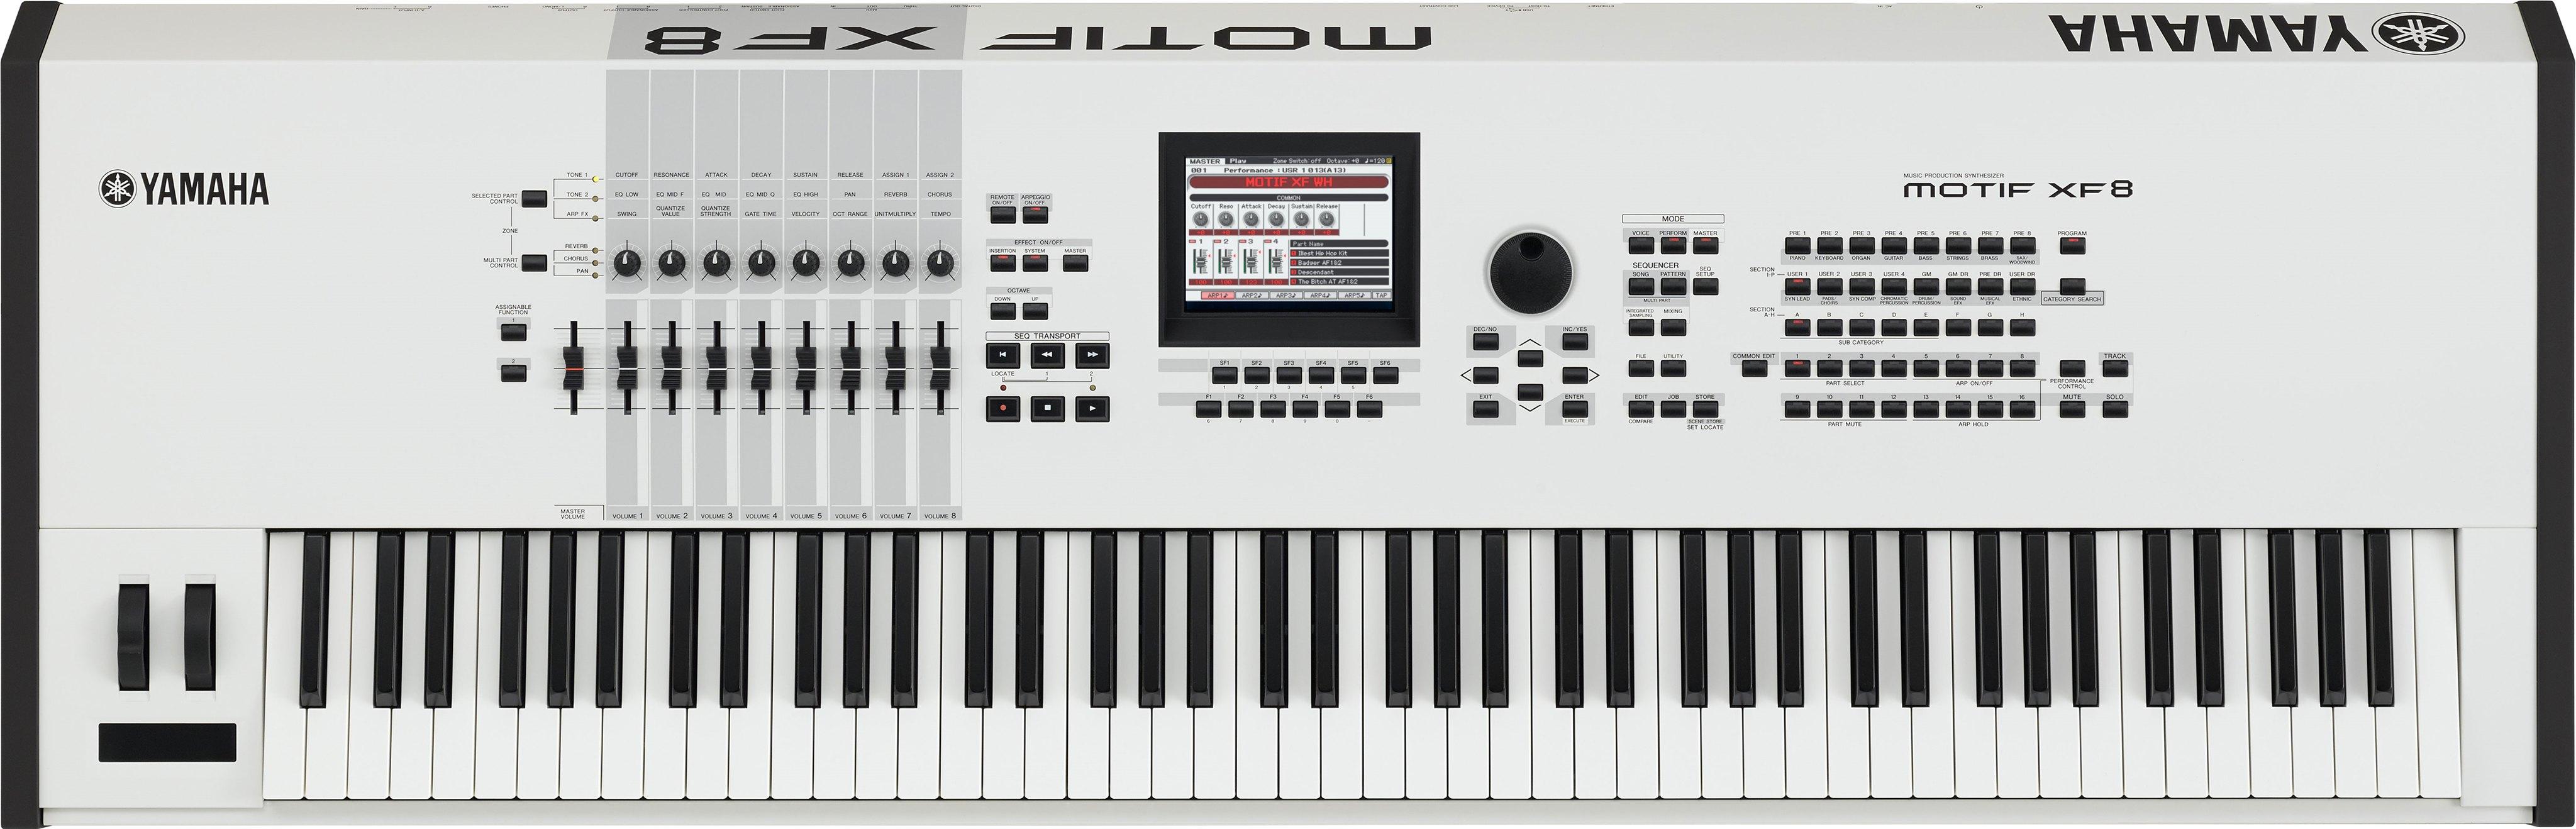 motif xf wh series synthesizers synthesizers music production rh usa yamaha com yamaha motif xf reference manual pdf yamaha motif xf reference manual